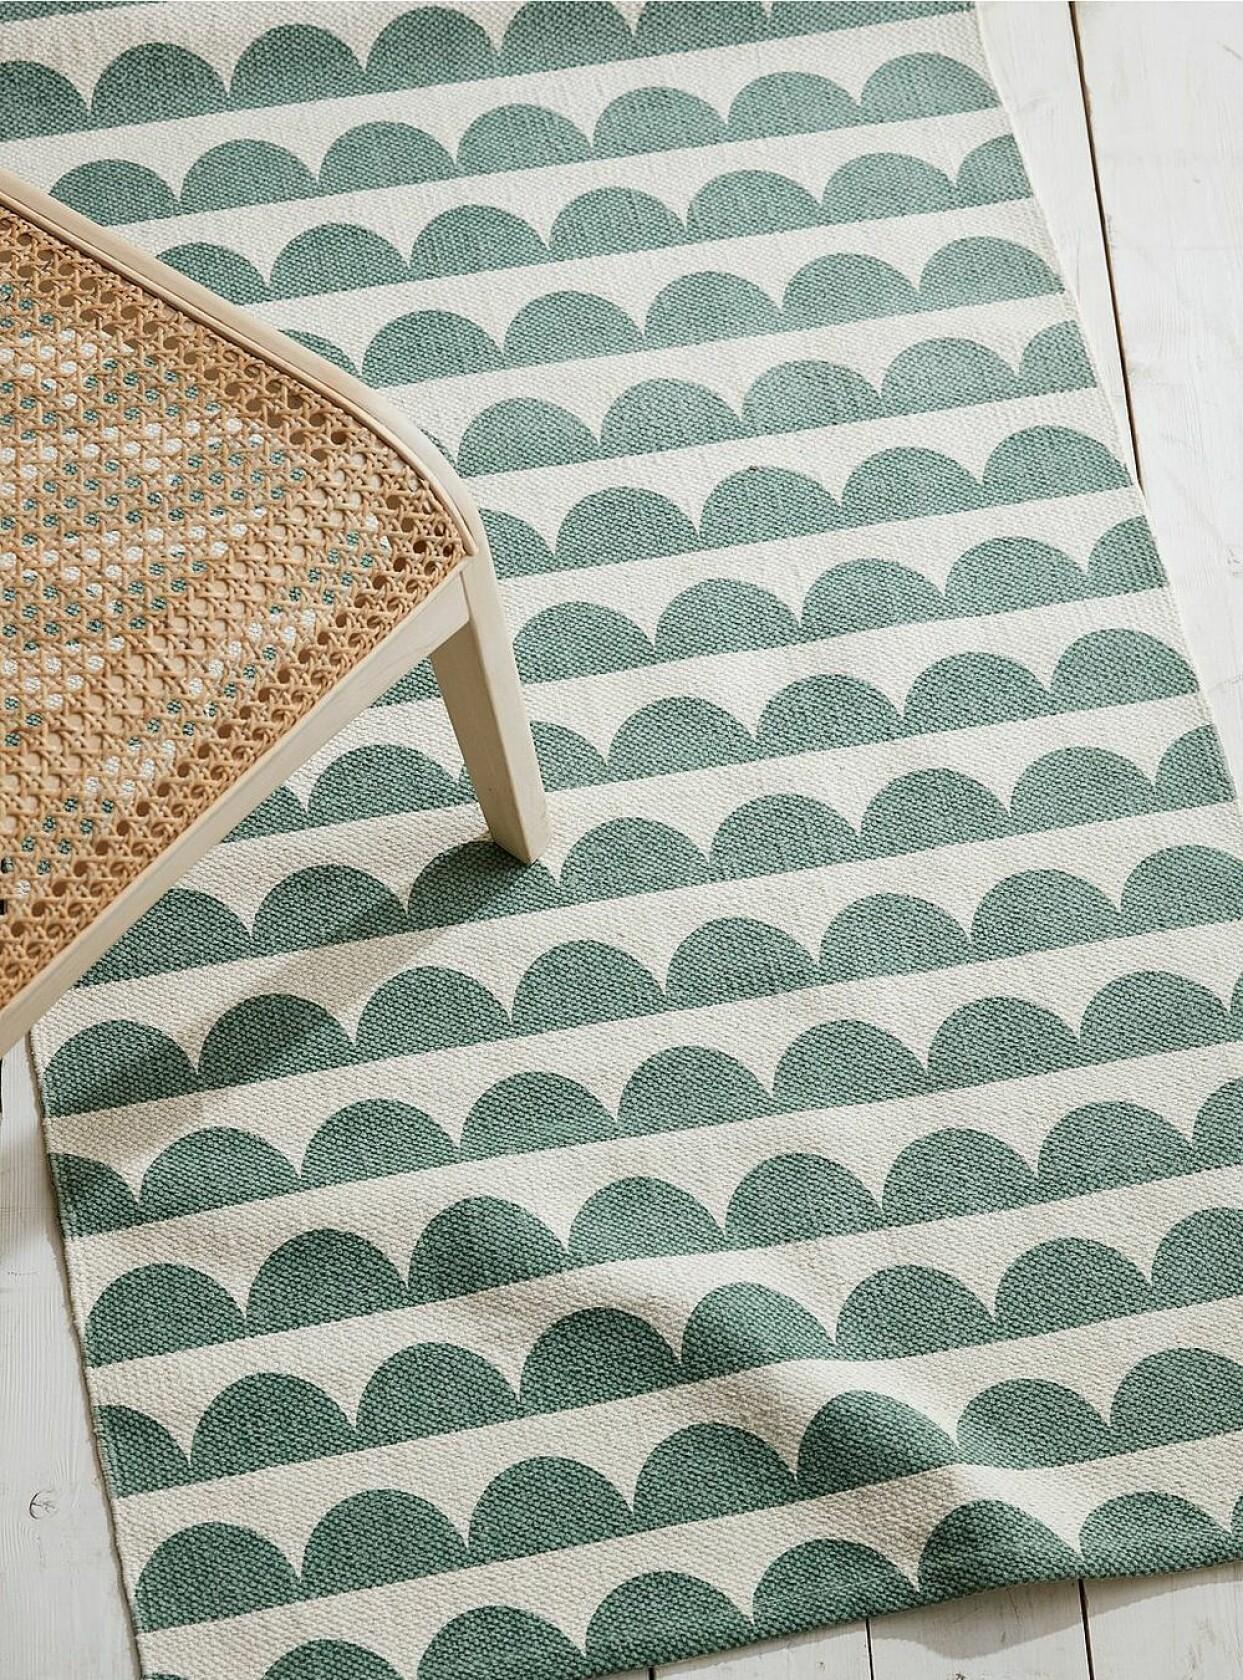 Grönmönstrad gångmatta i bomull, från Ellos